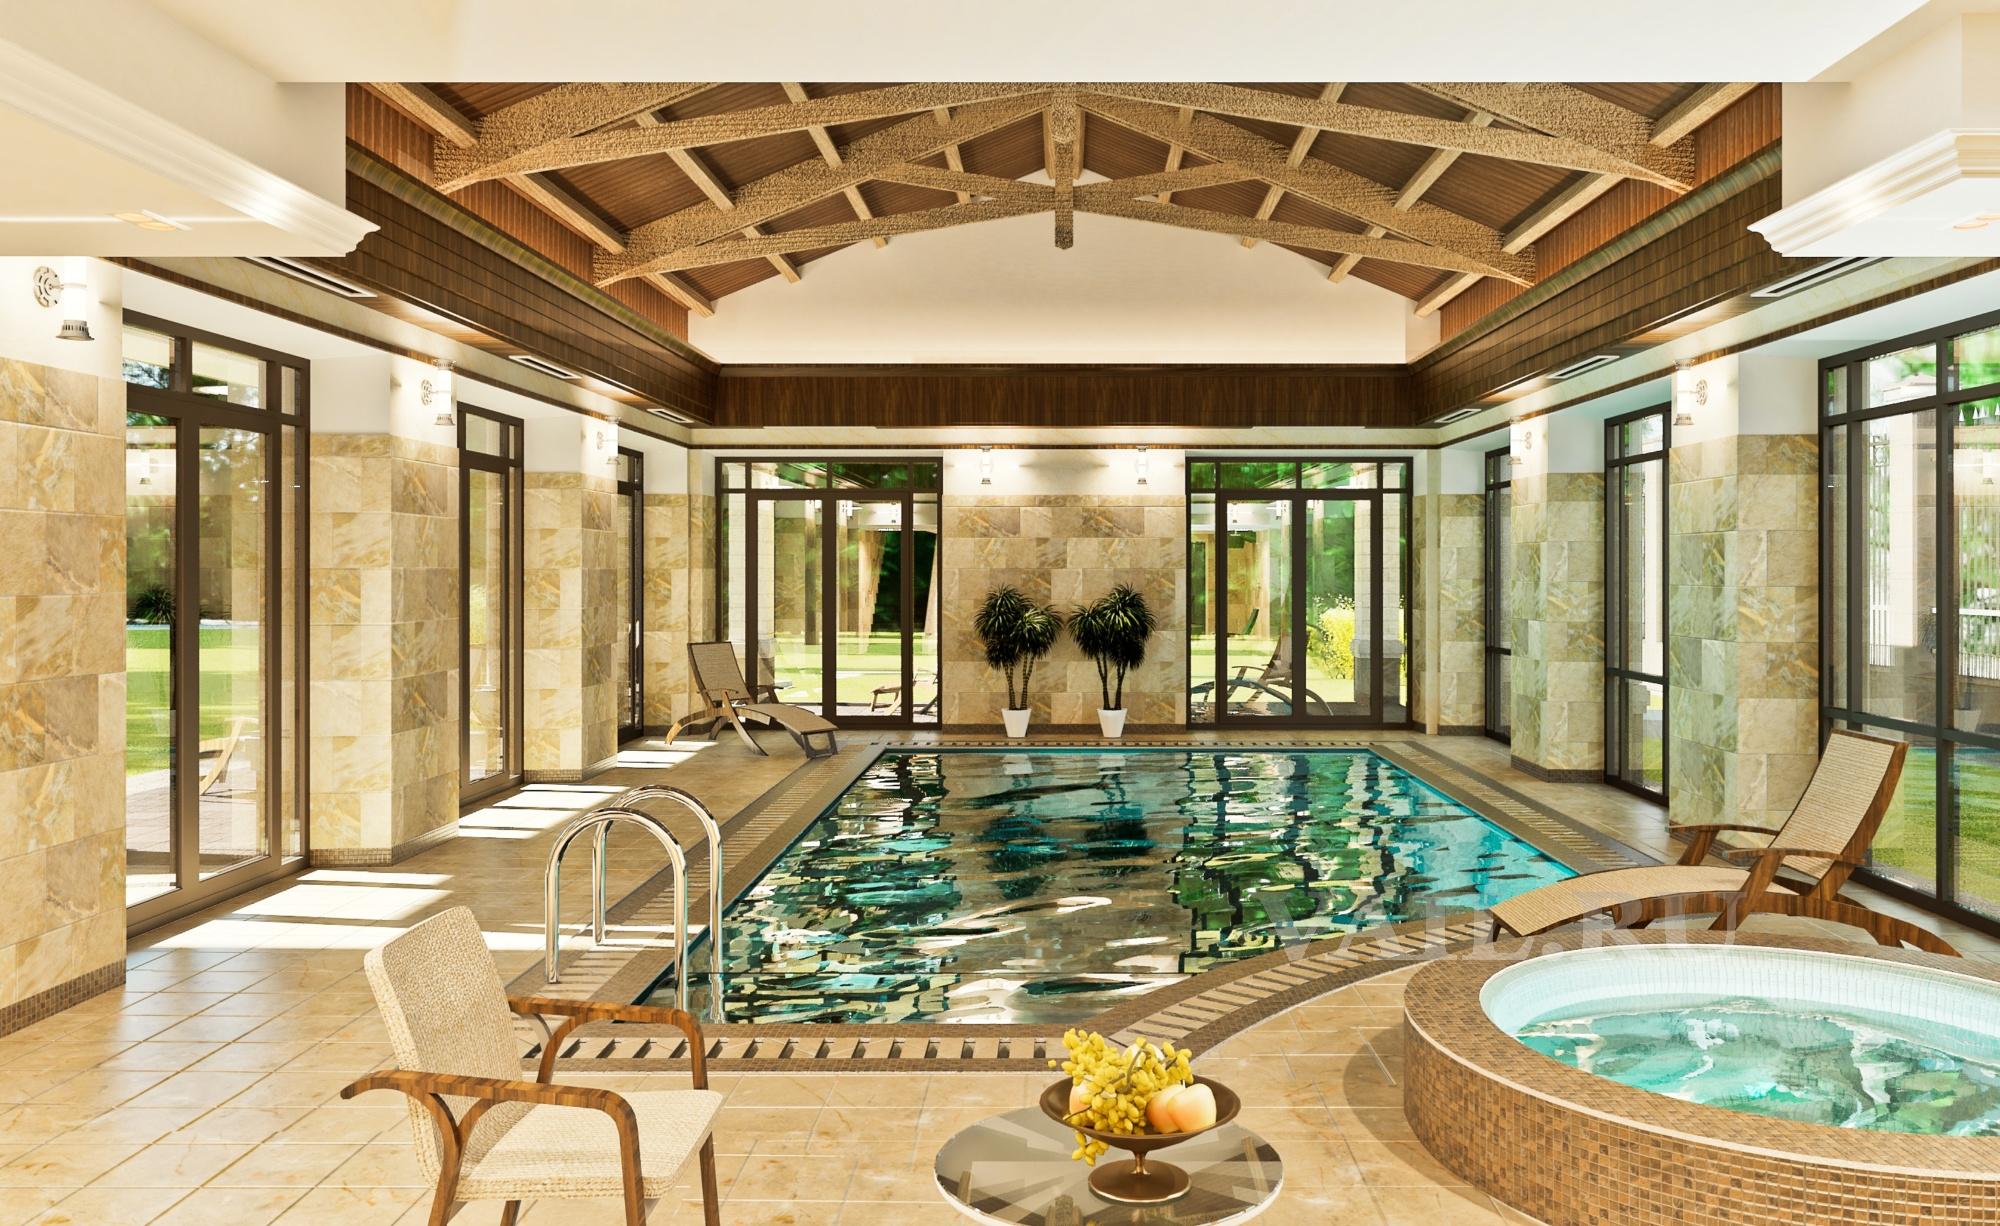 Частный бассейн в загородном доме